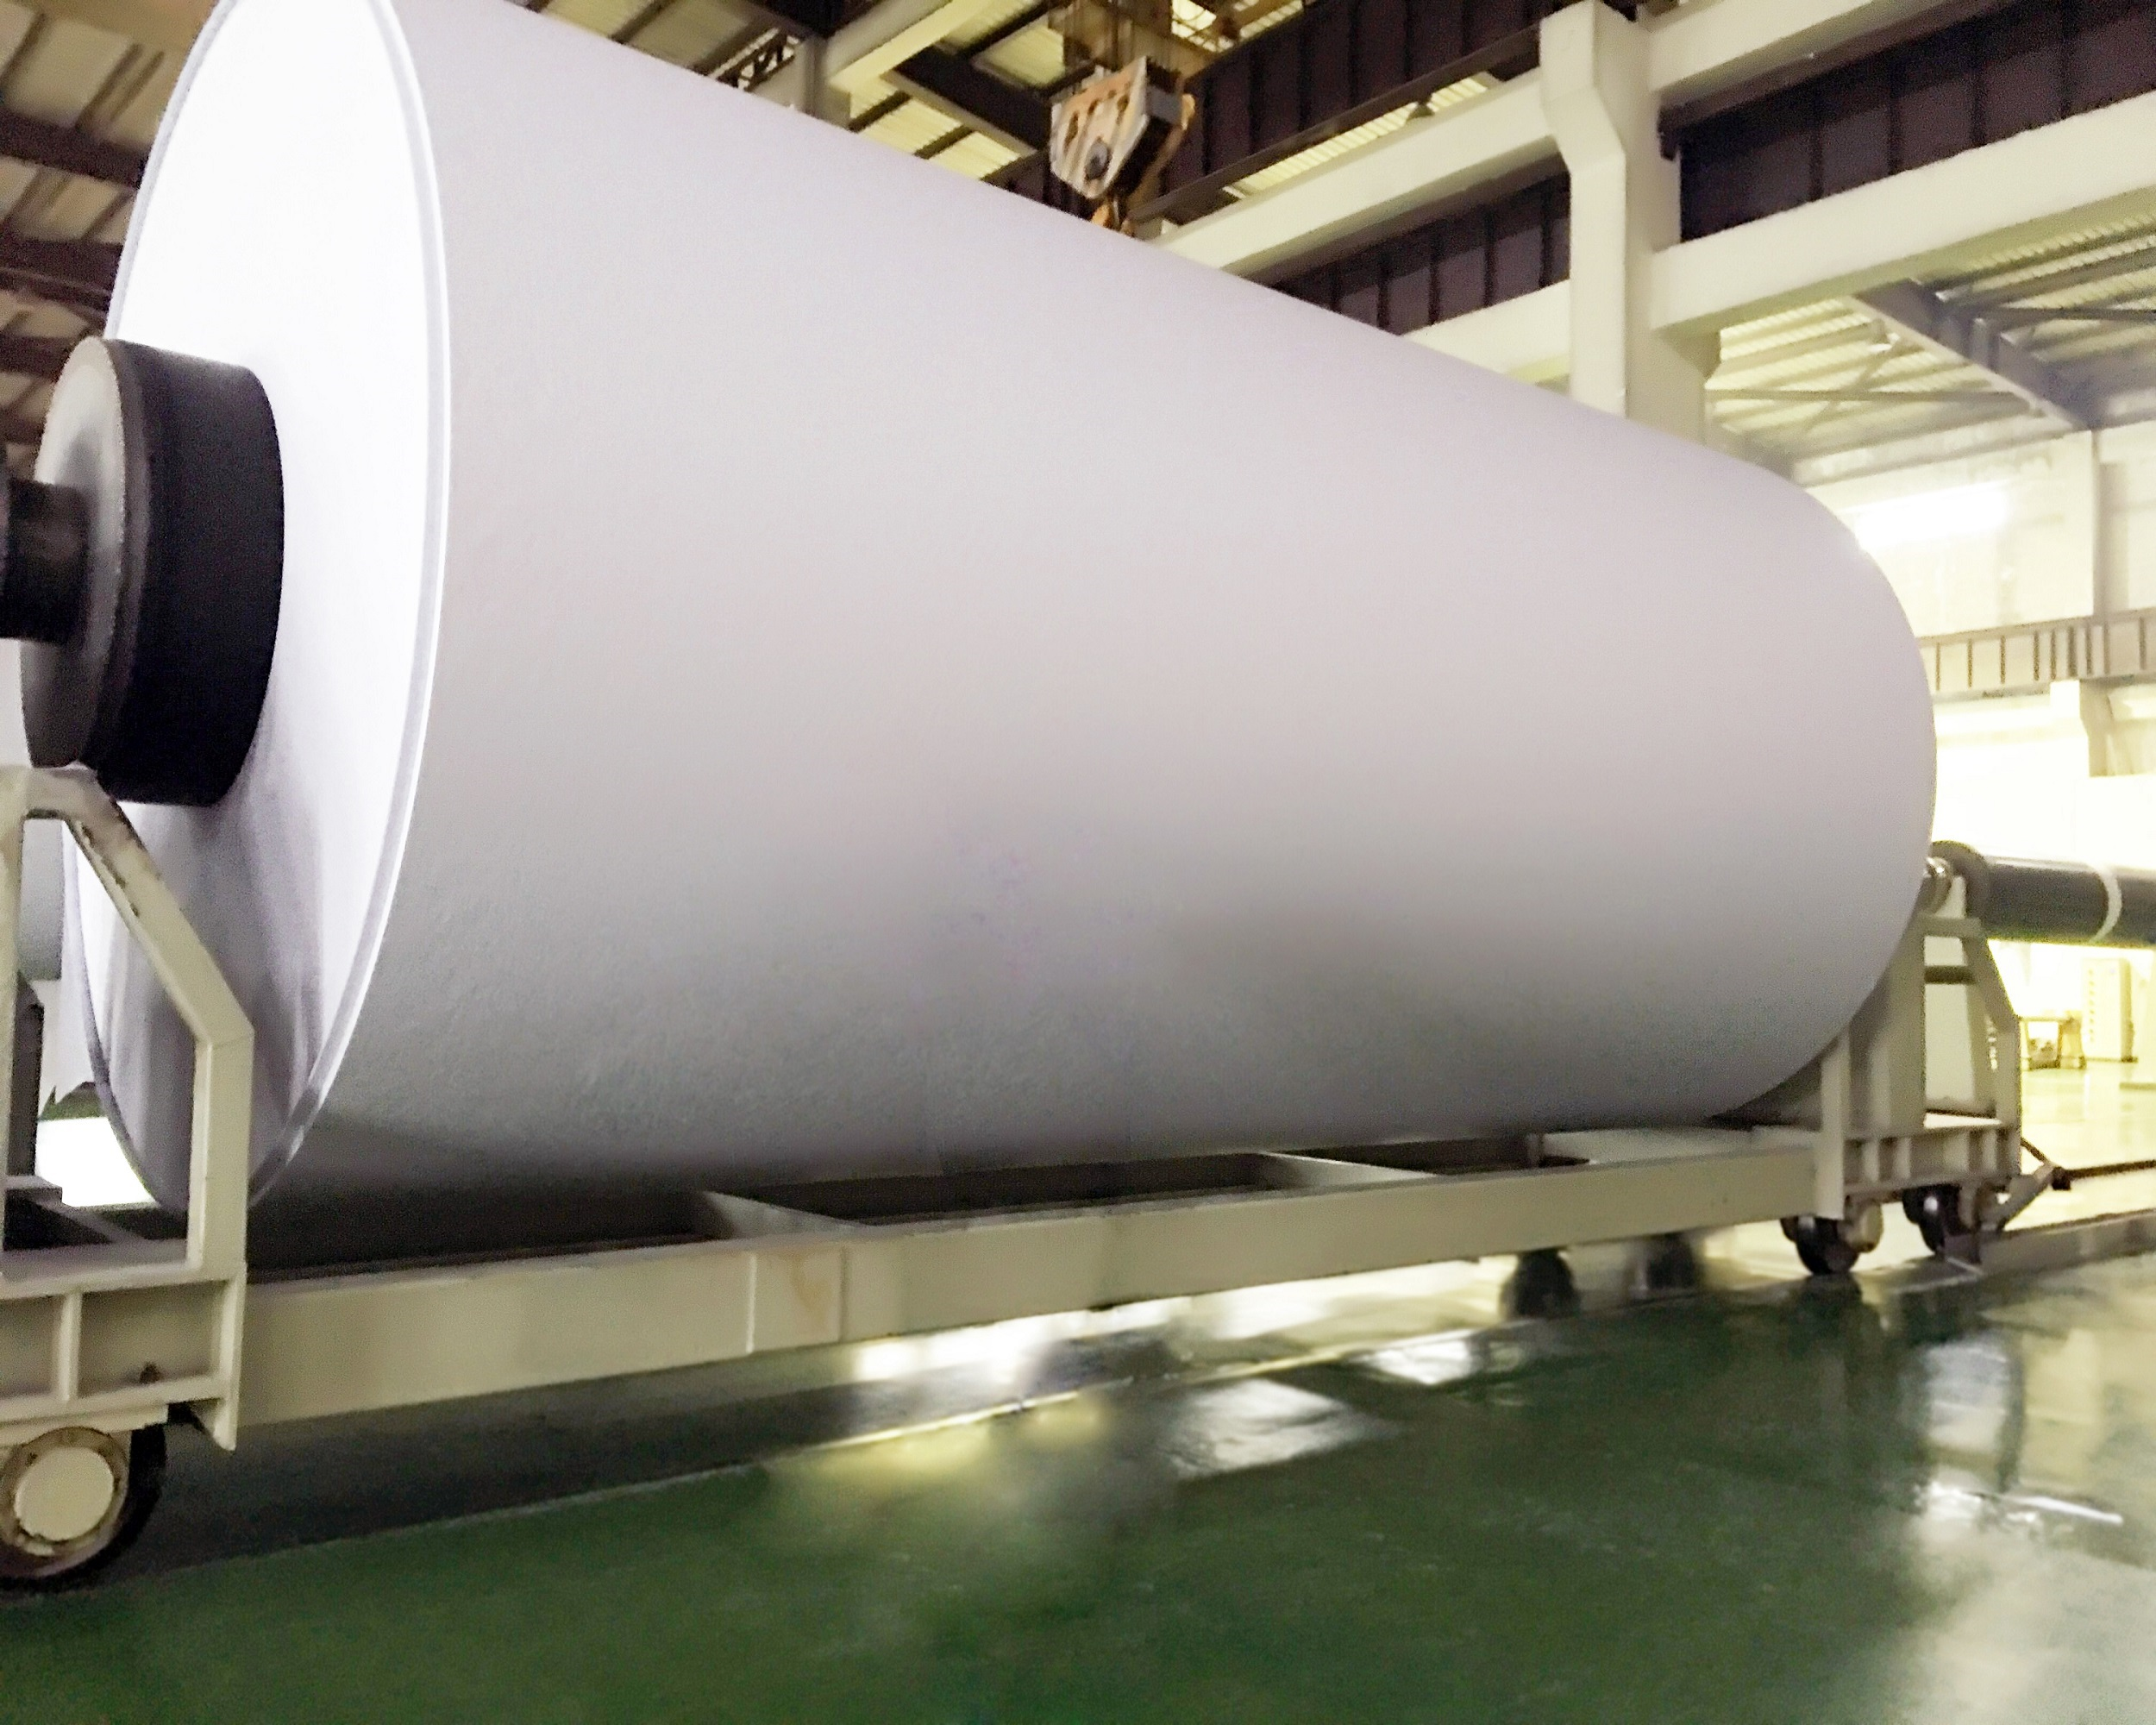 ダブル samilar 品質 A4 紙ロール 70gsm と 80GSM